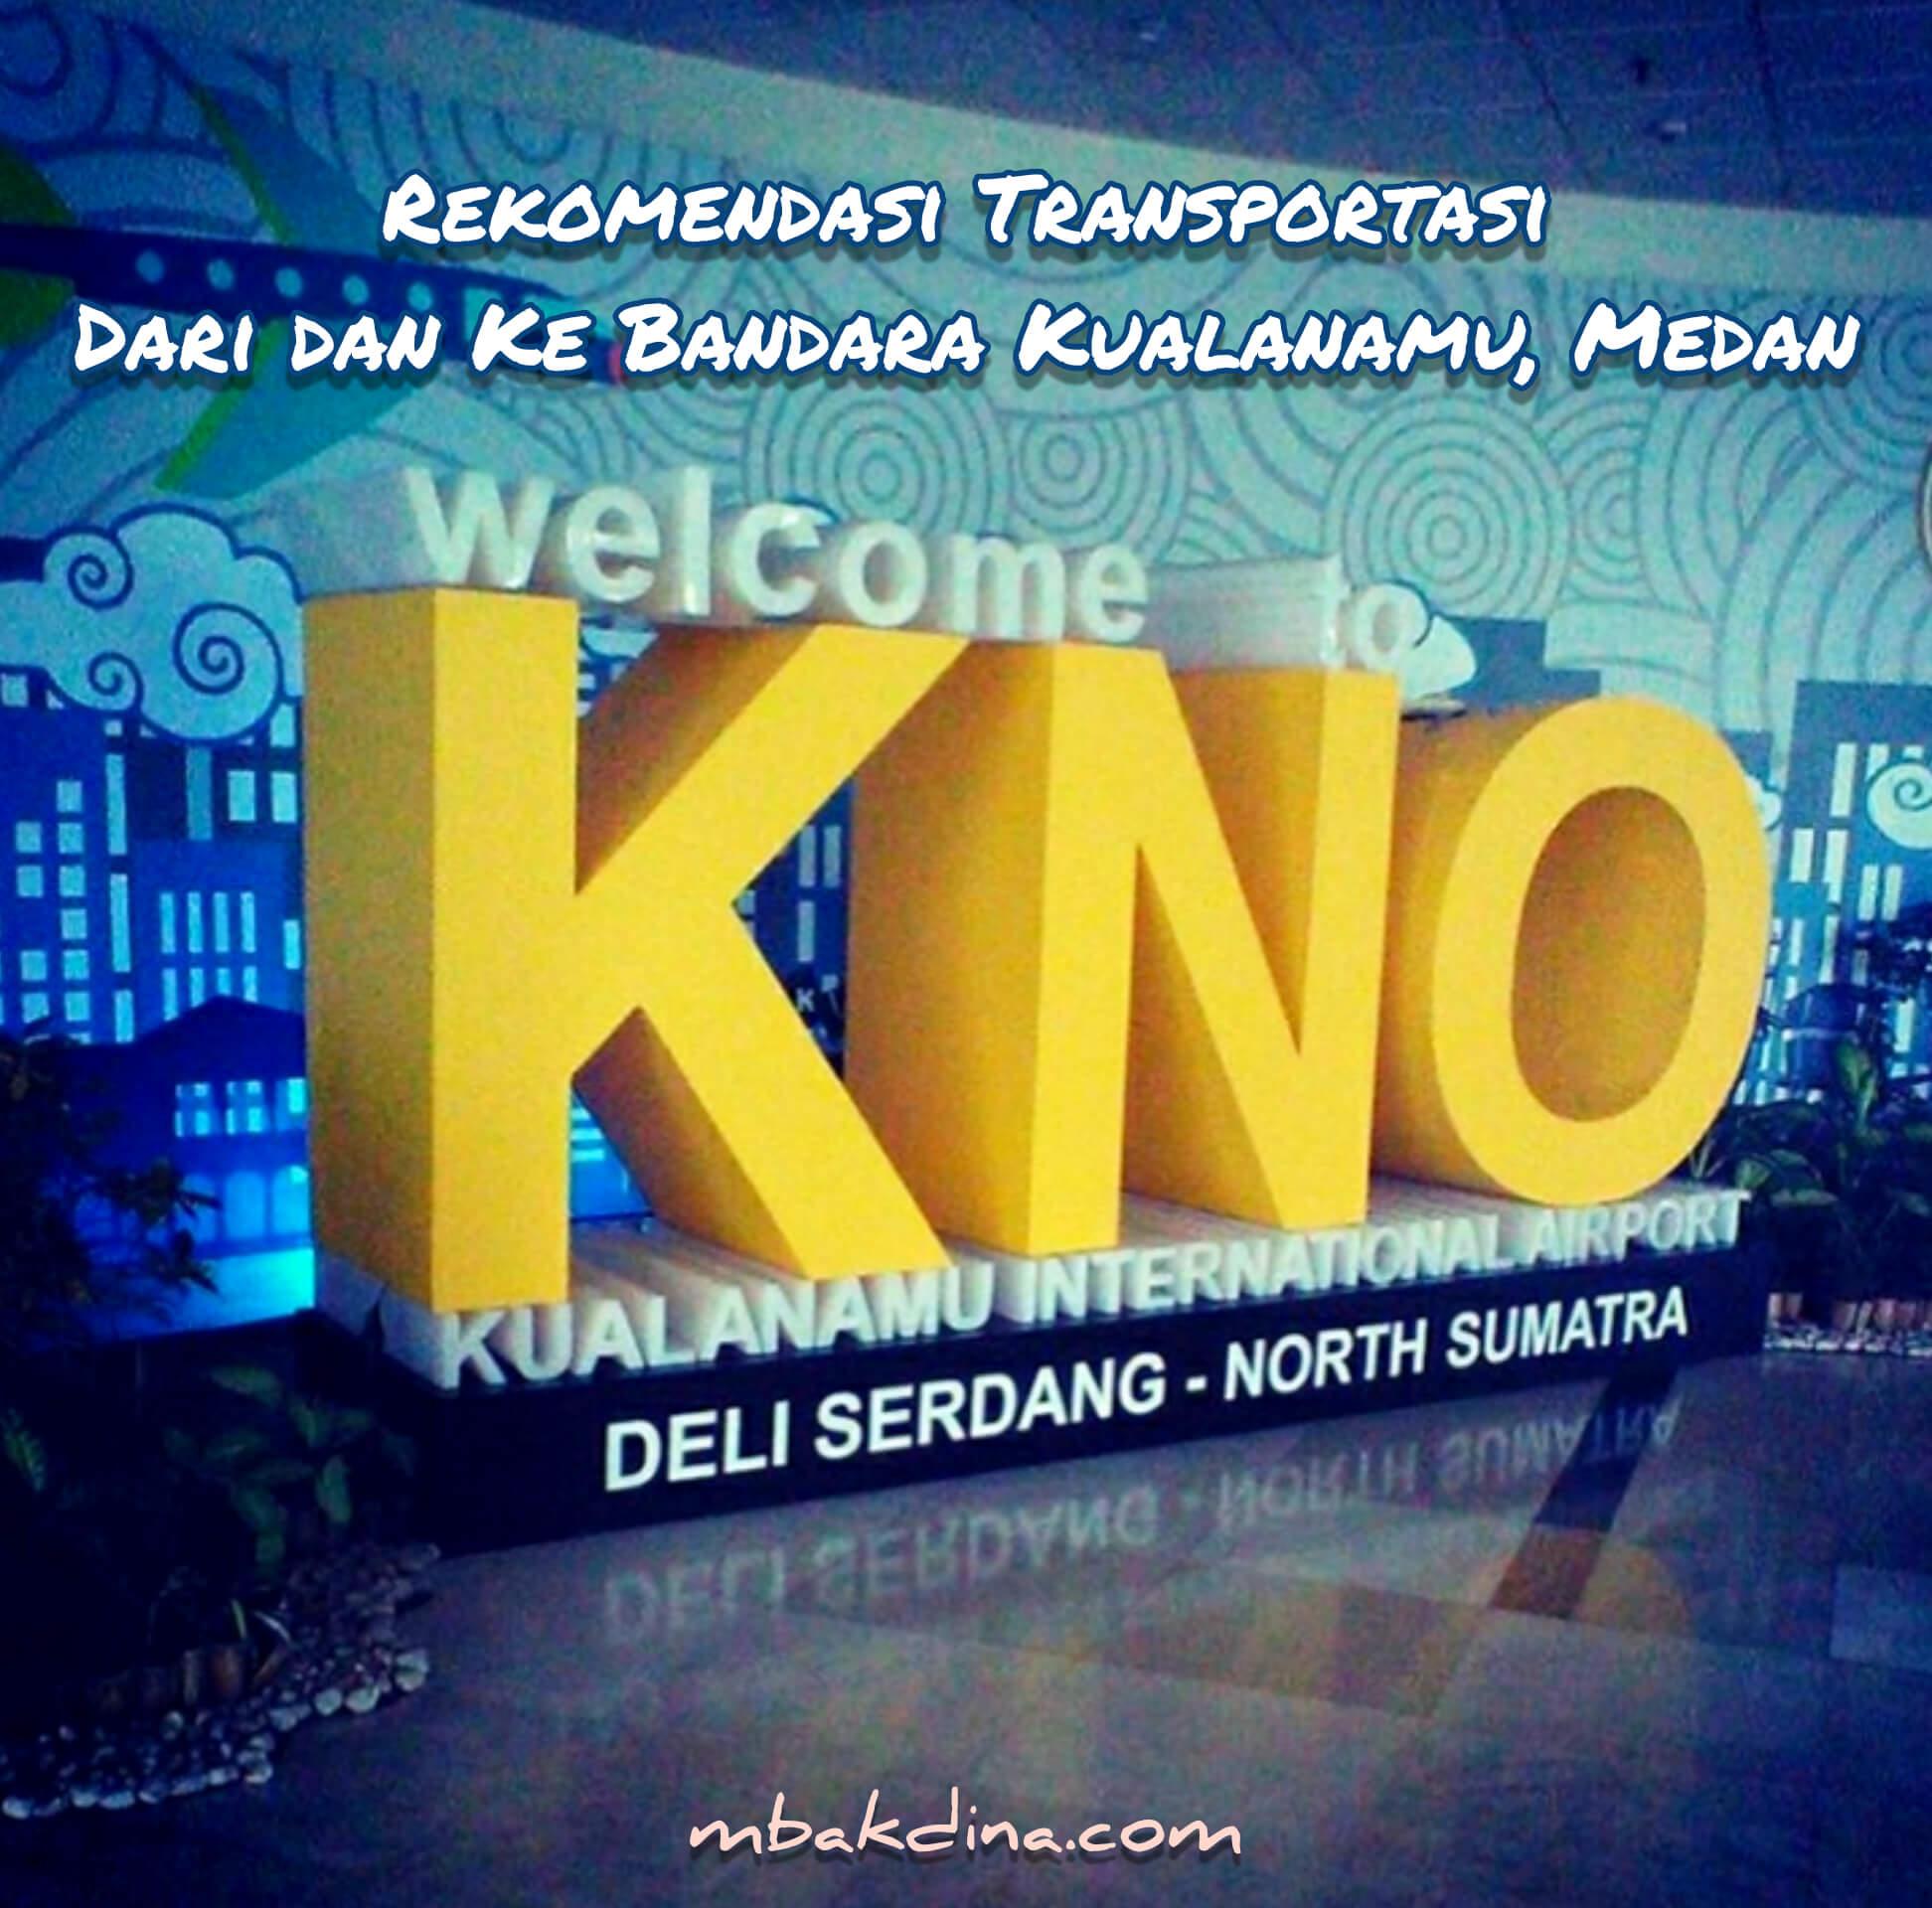 Transportasi ke bandara Kualanamu.jpg